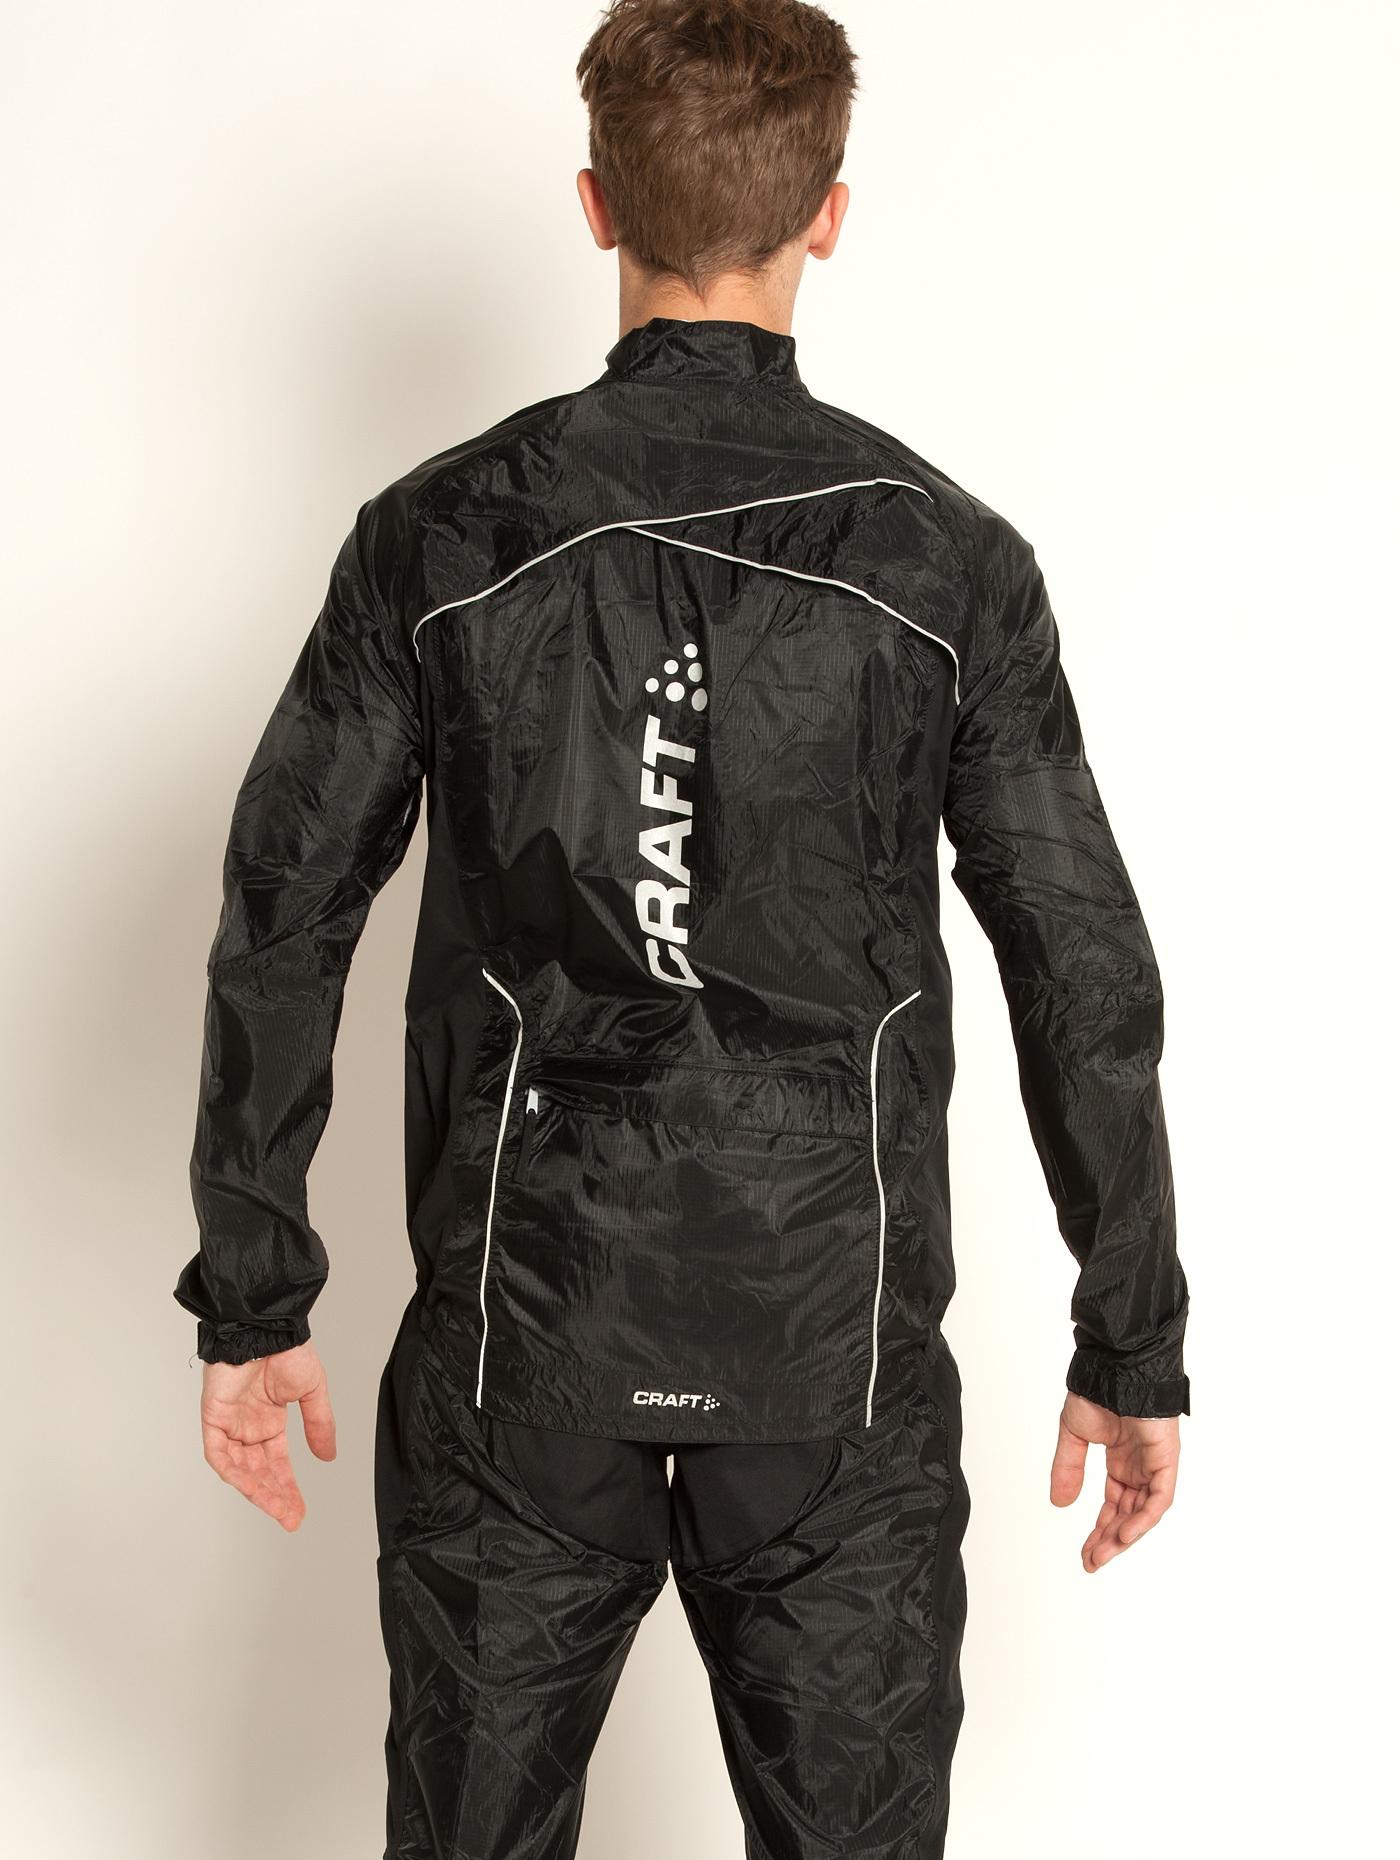 Велокуртка Craft Performance Rain мужская черная